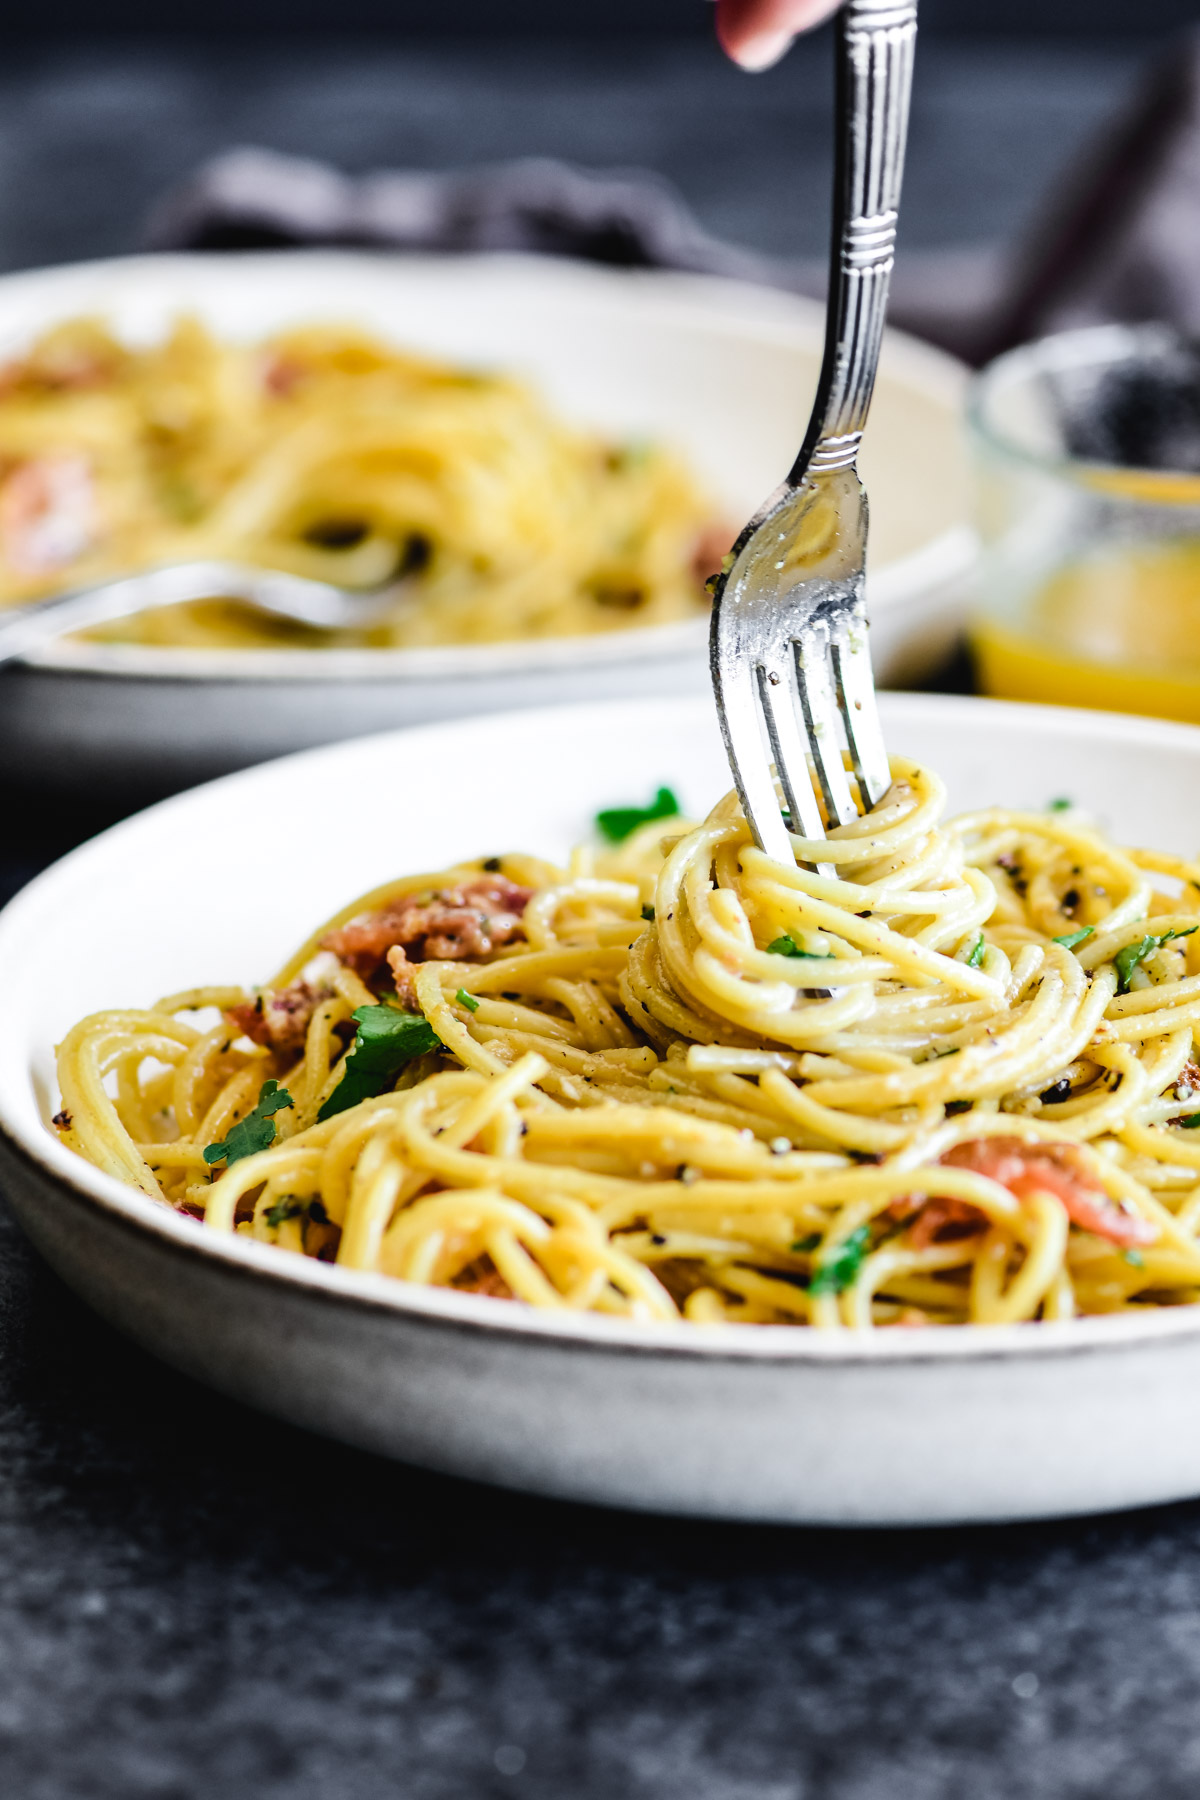 twirling pasta carbonara onto a fork